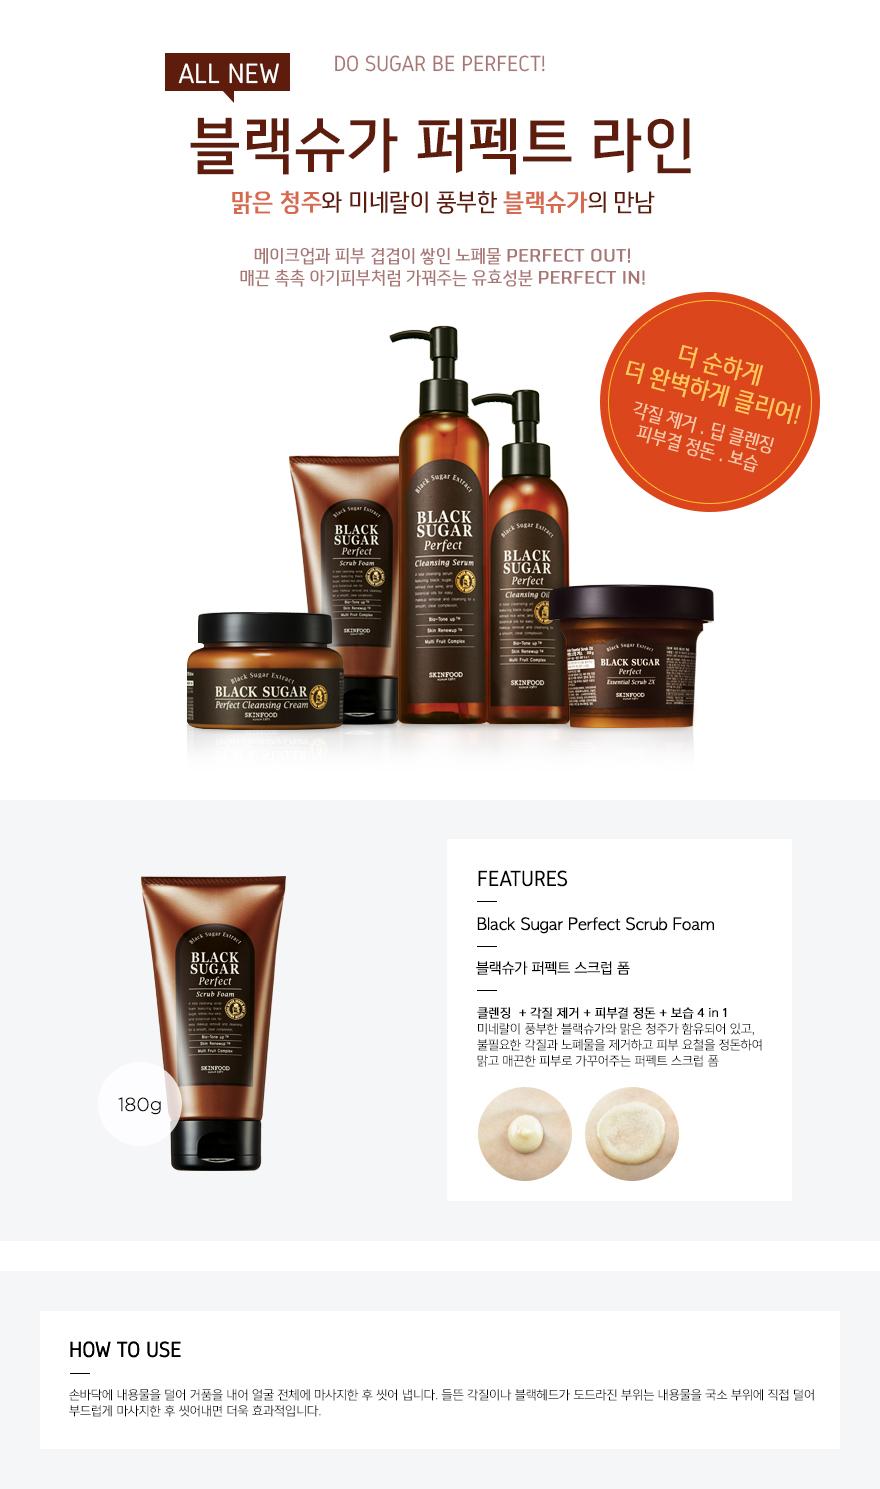 Skinfood Black Sugar Perfect Scrub Foam 180g Strawberrycoco Skin Food Honey Mask Wash Off 100gr Dscr